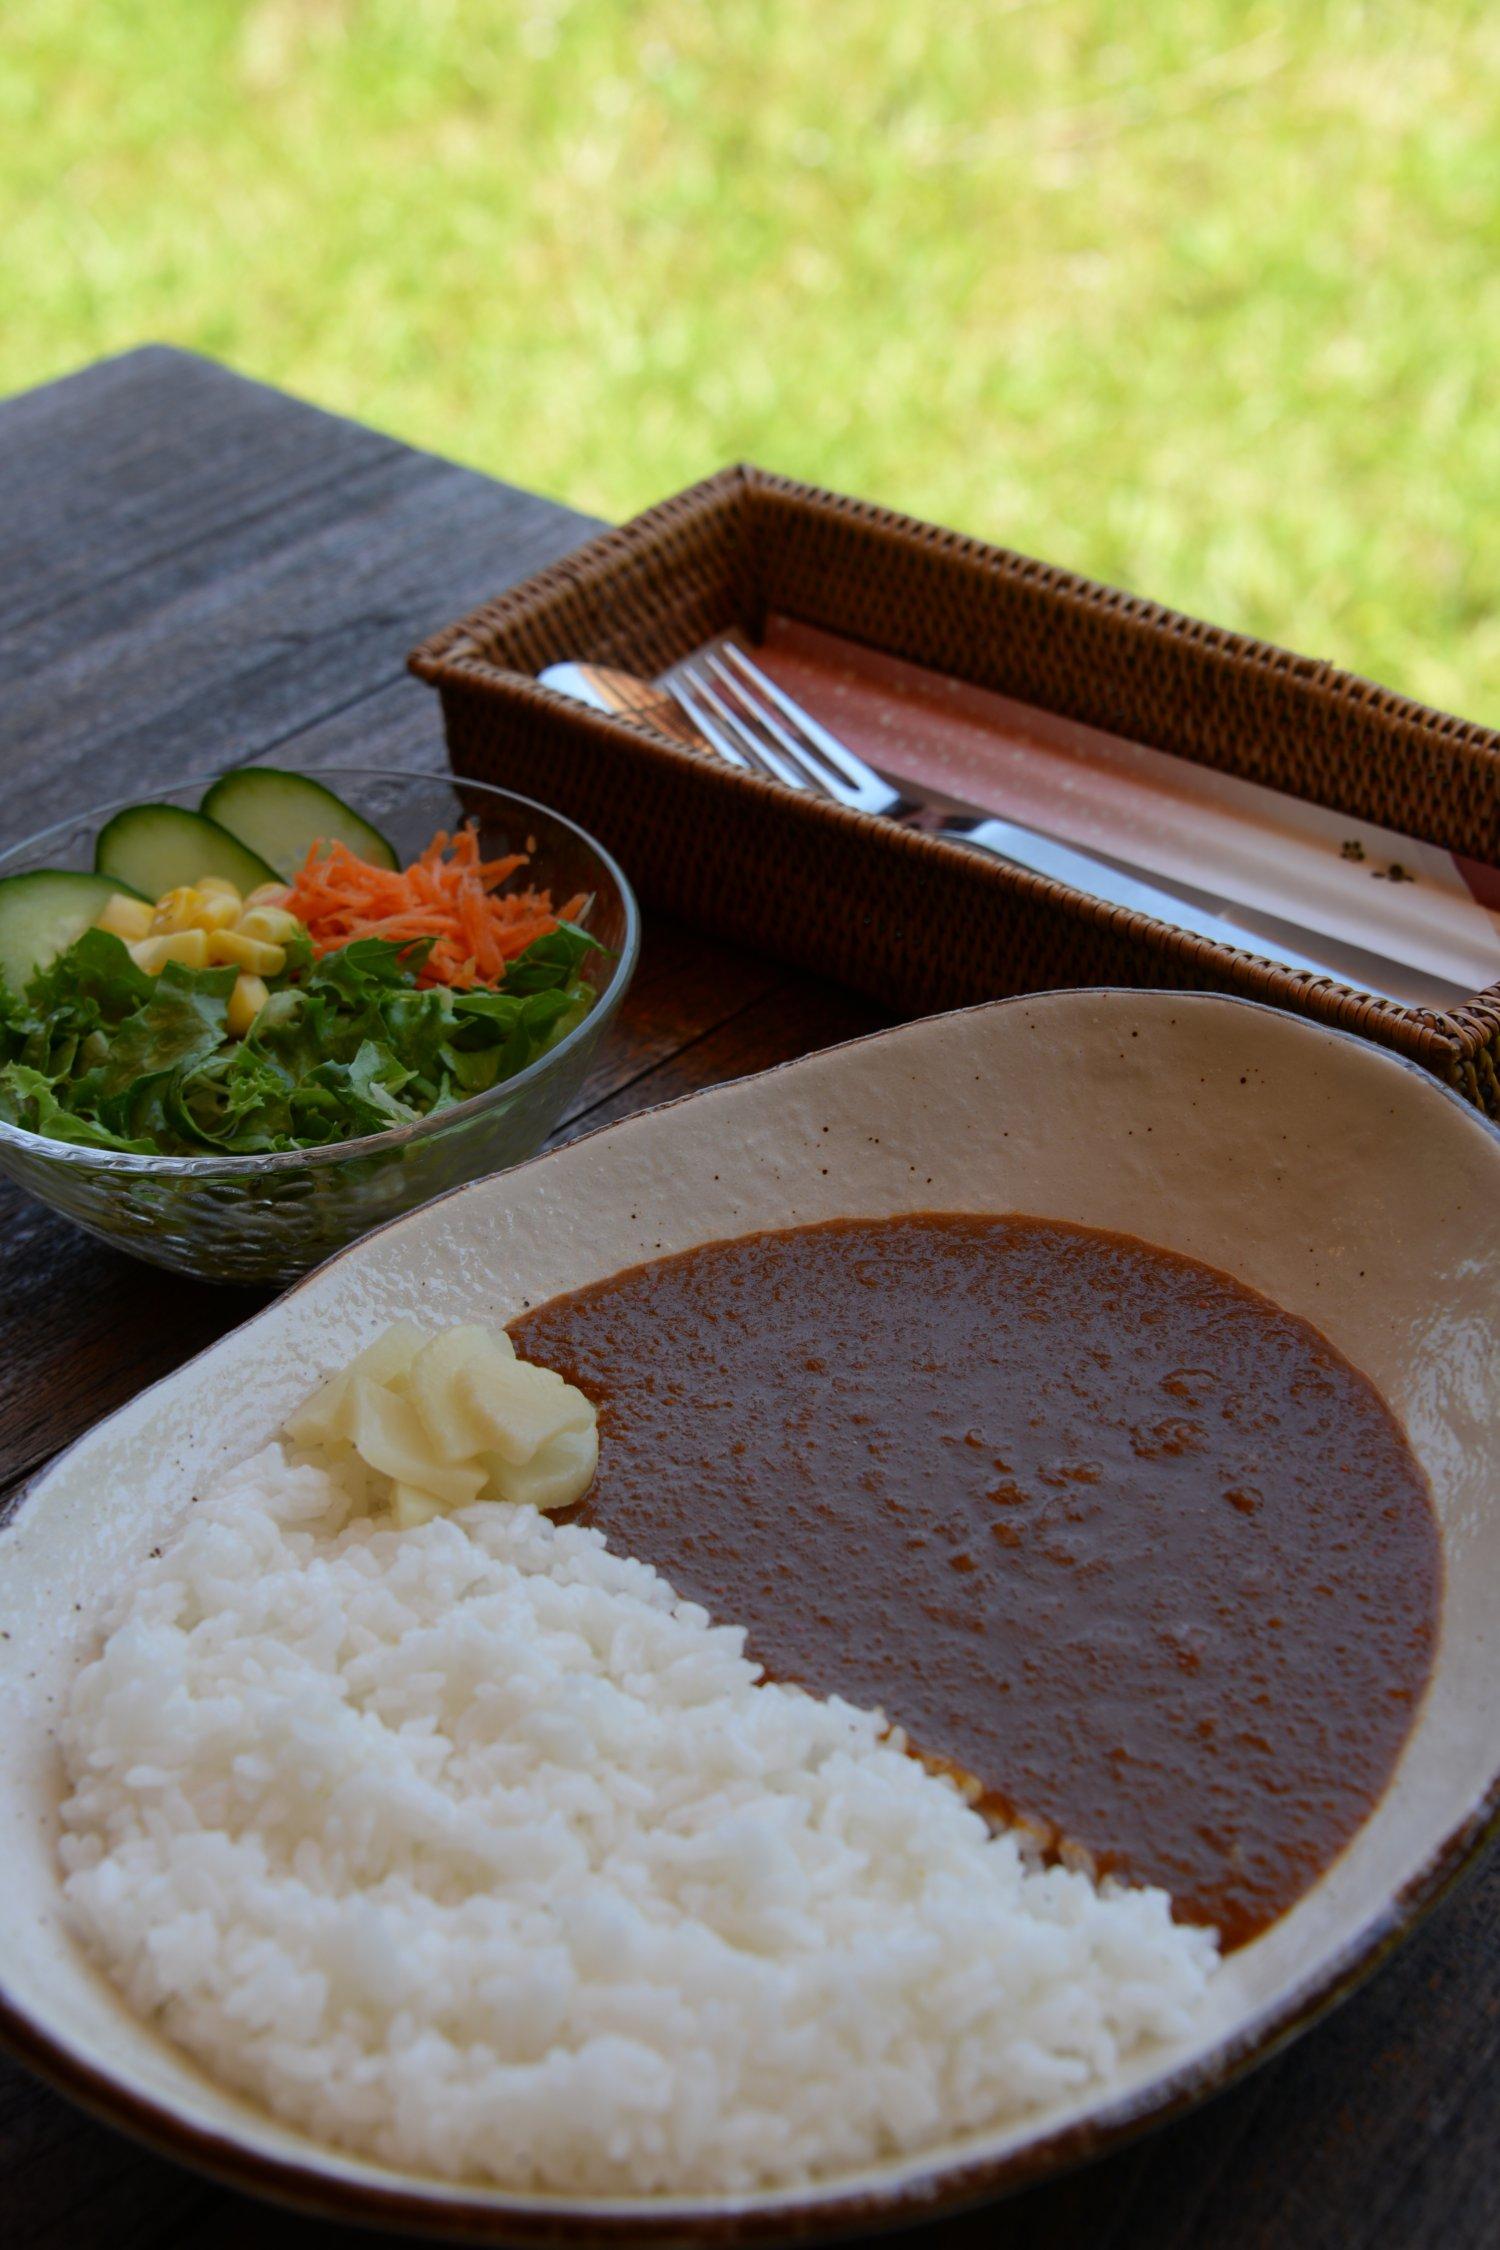 辛さが選べるオーロラカレー860 円は、店を引き継いだ眞臣さんの自信作。